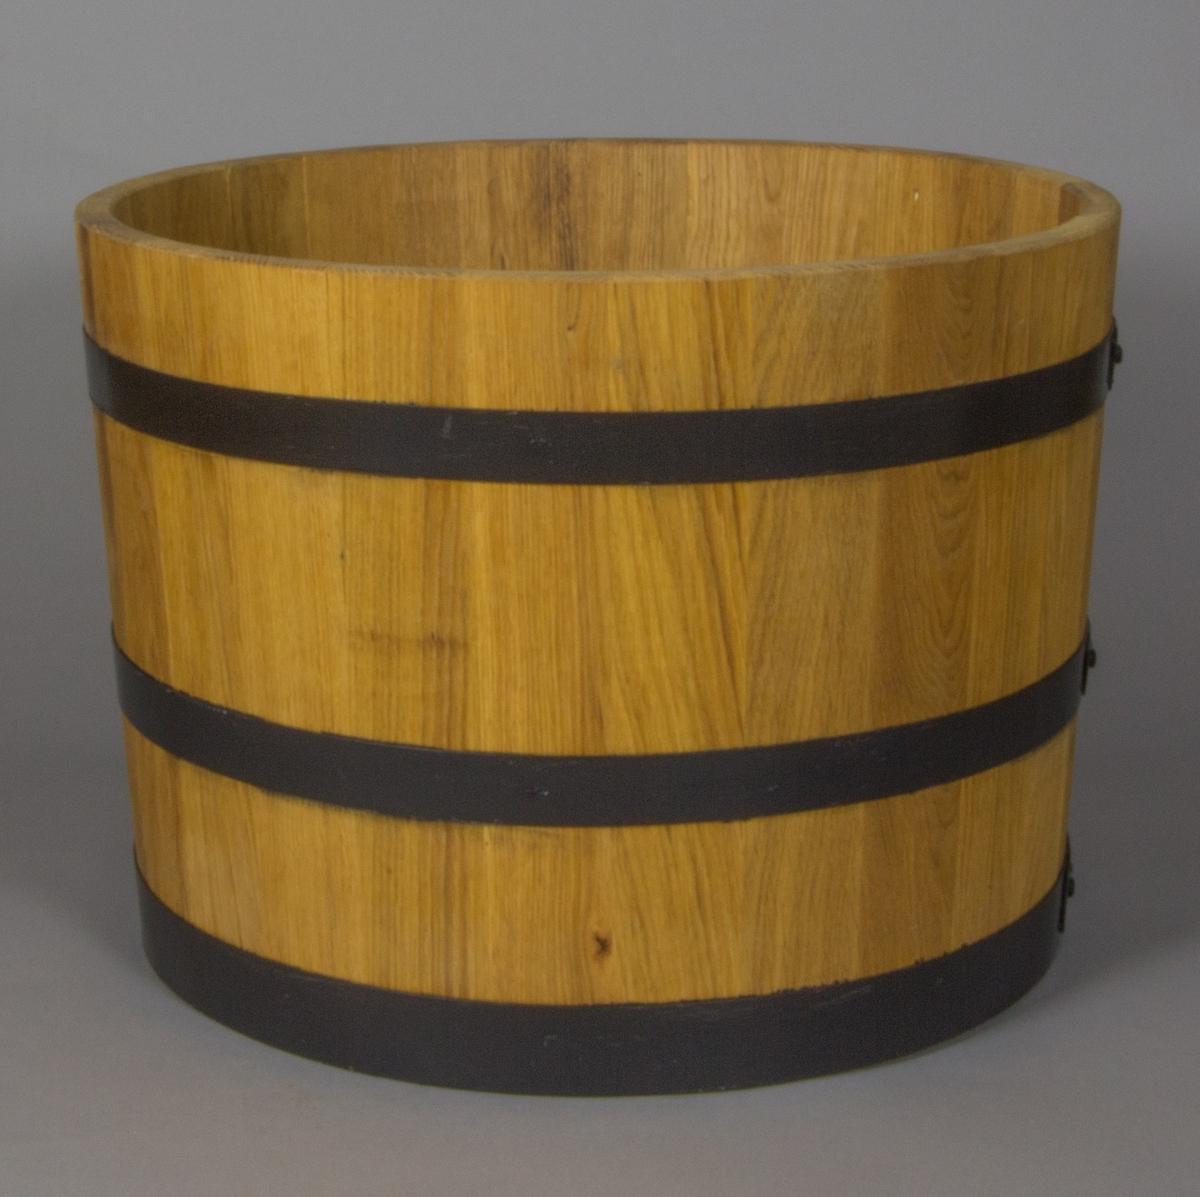 Kar tillverkat i trä, laggkärlsteknik, med tre nitade metallband.